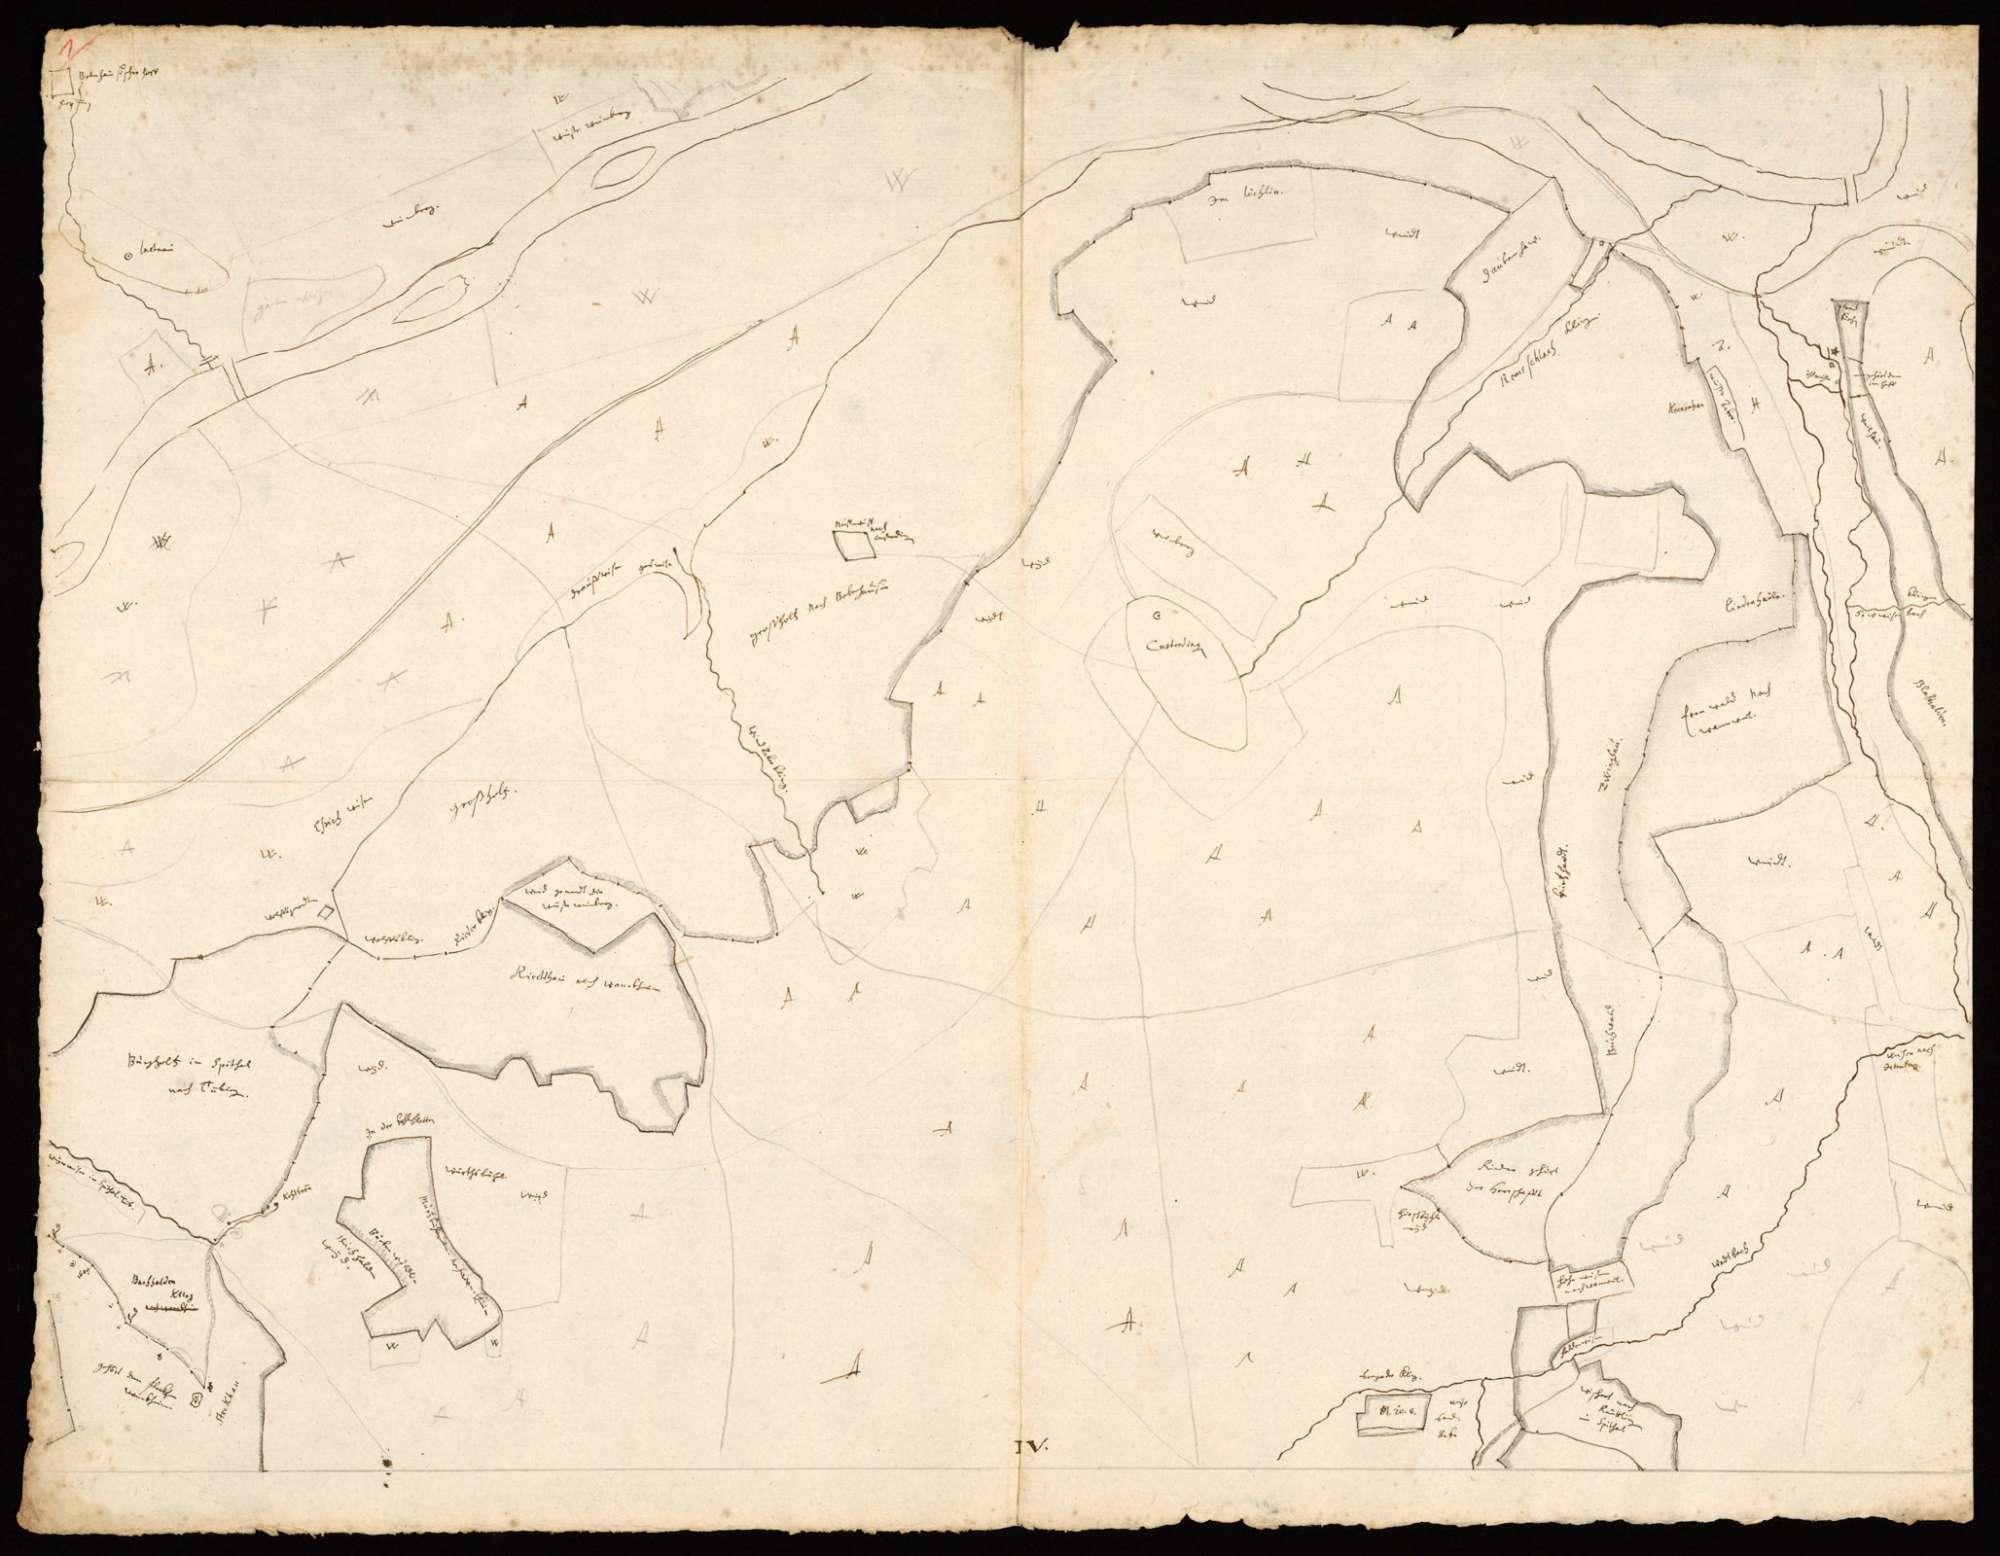 [Karte der Waldungen zwischen Steinlach, Neckar und Echaz, in 4 Blättern], Bild 1